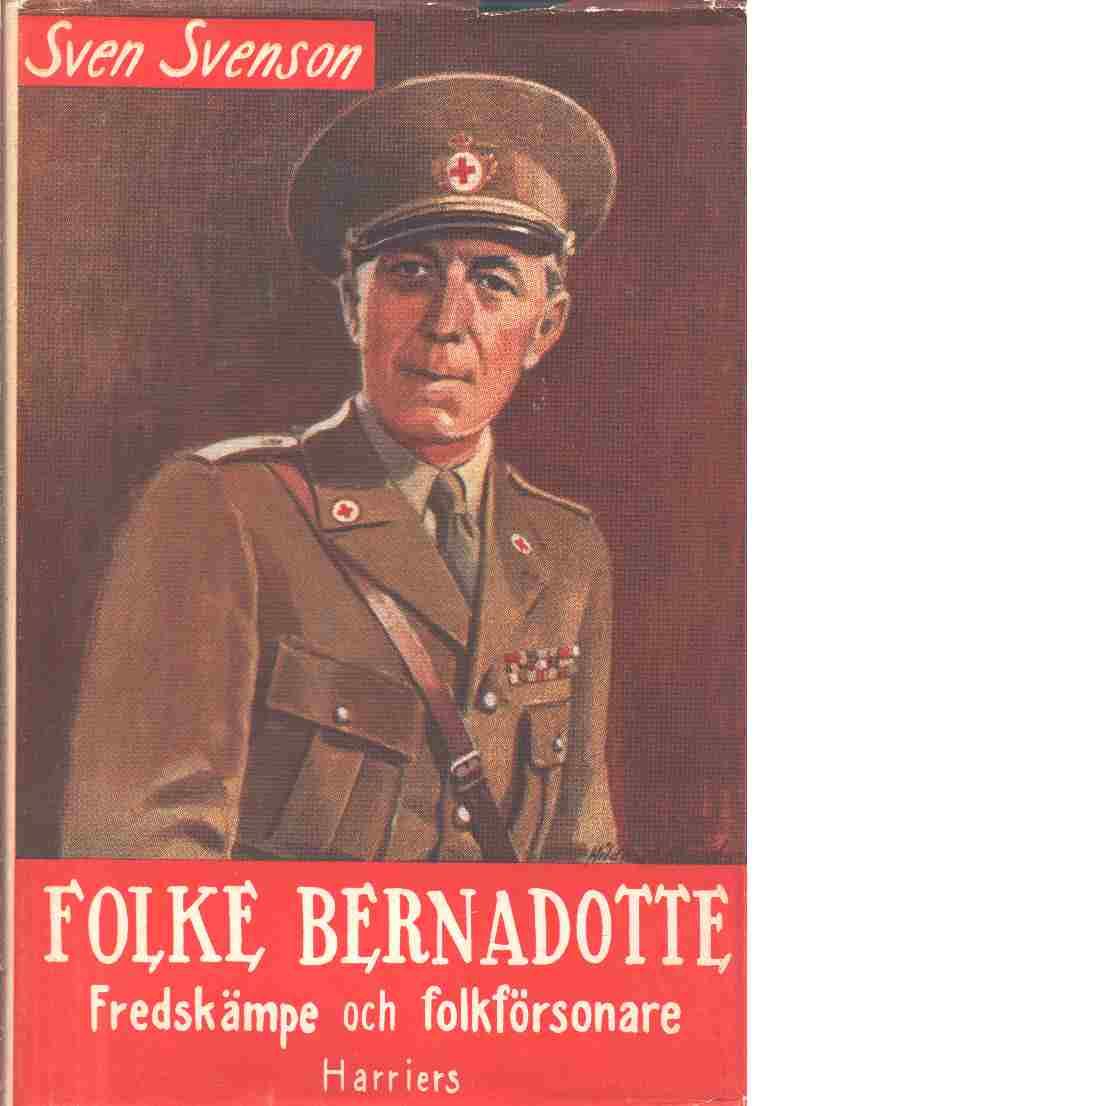 Folke Bernadotte : Fredskämpe och folkförsonare. Med förord av Lennart Bernadotte och efterskrift av Ernst Killander - Svenson, Sven [Vilhelm]